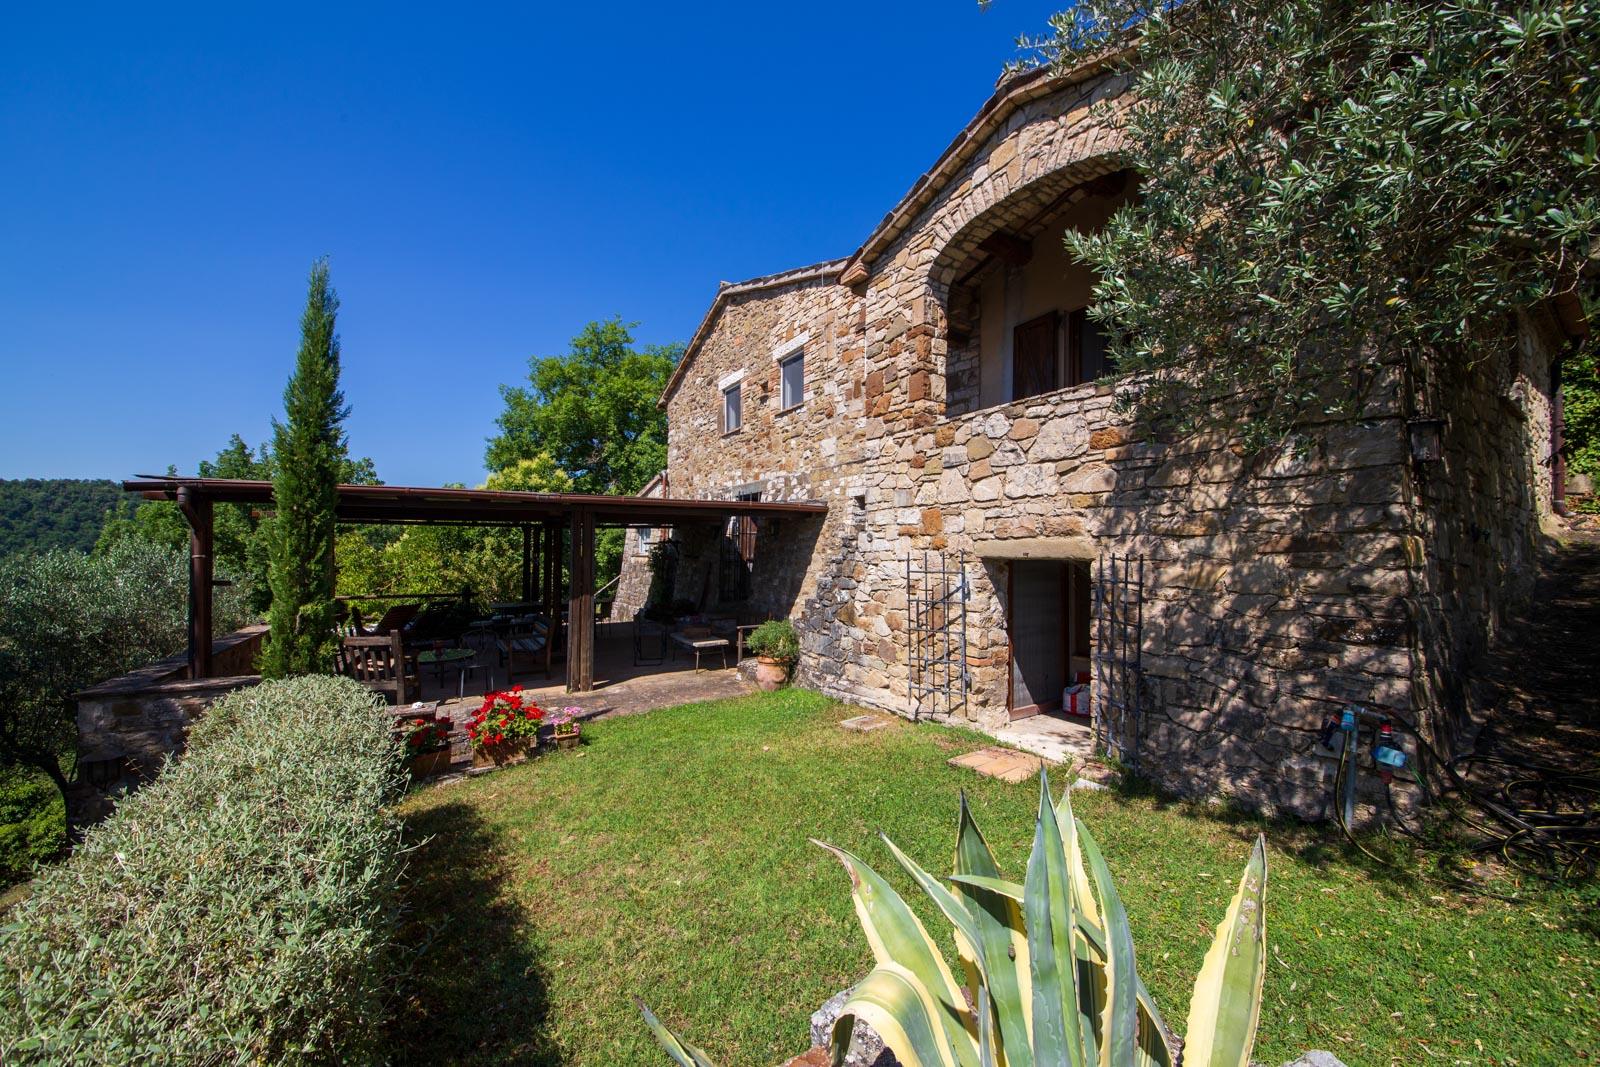 Splendida proprietà di campagna con vista romantica vicino a Todi in Umbria